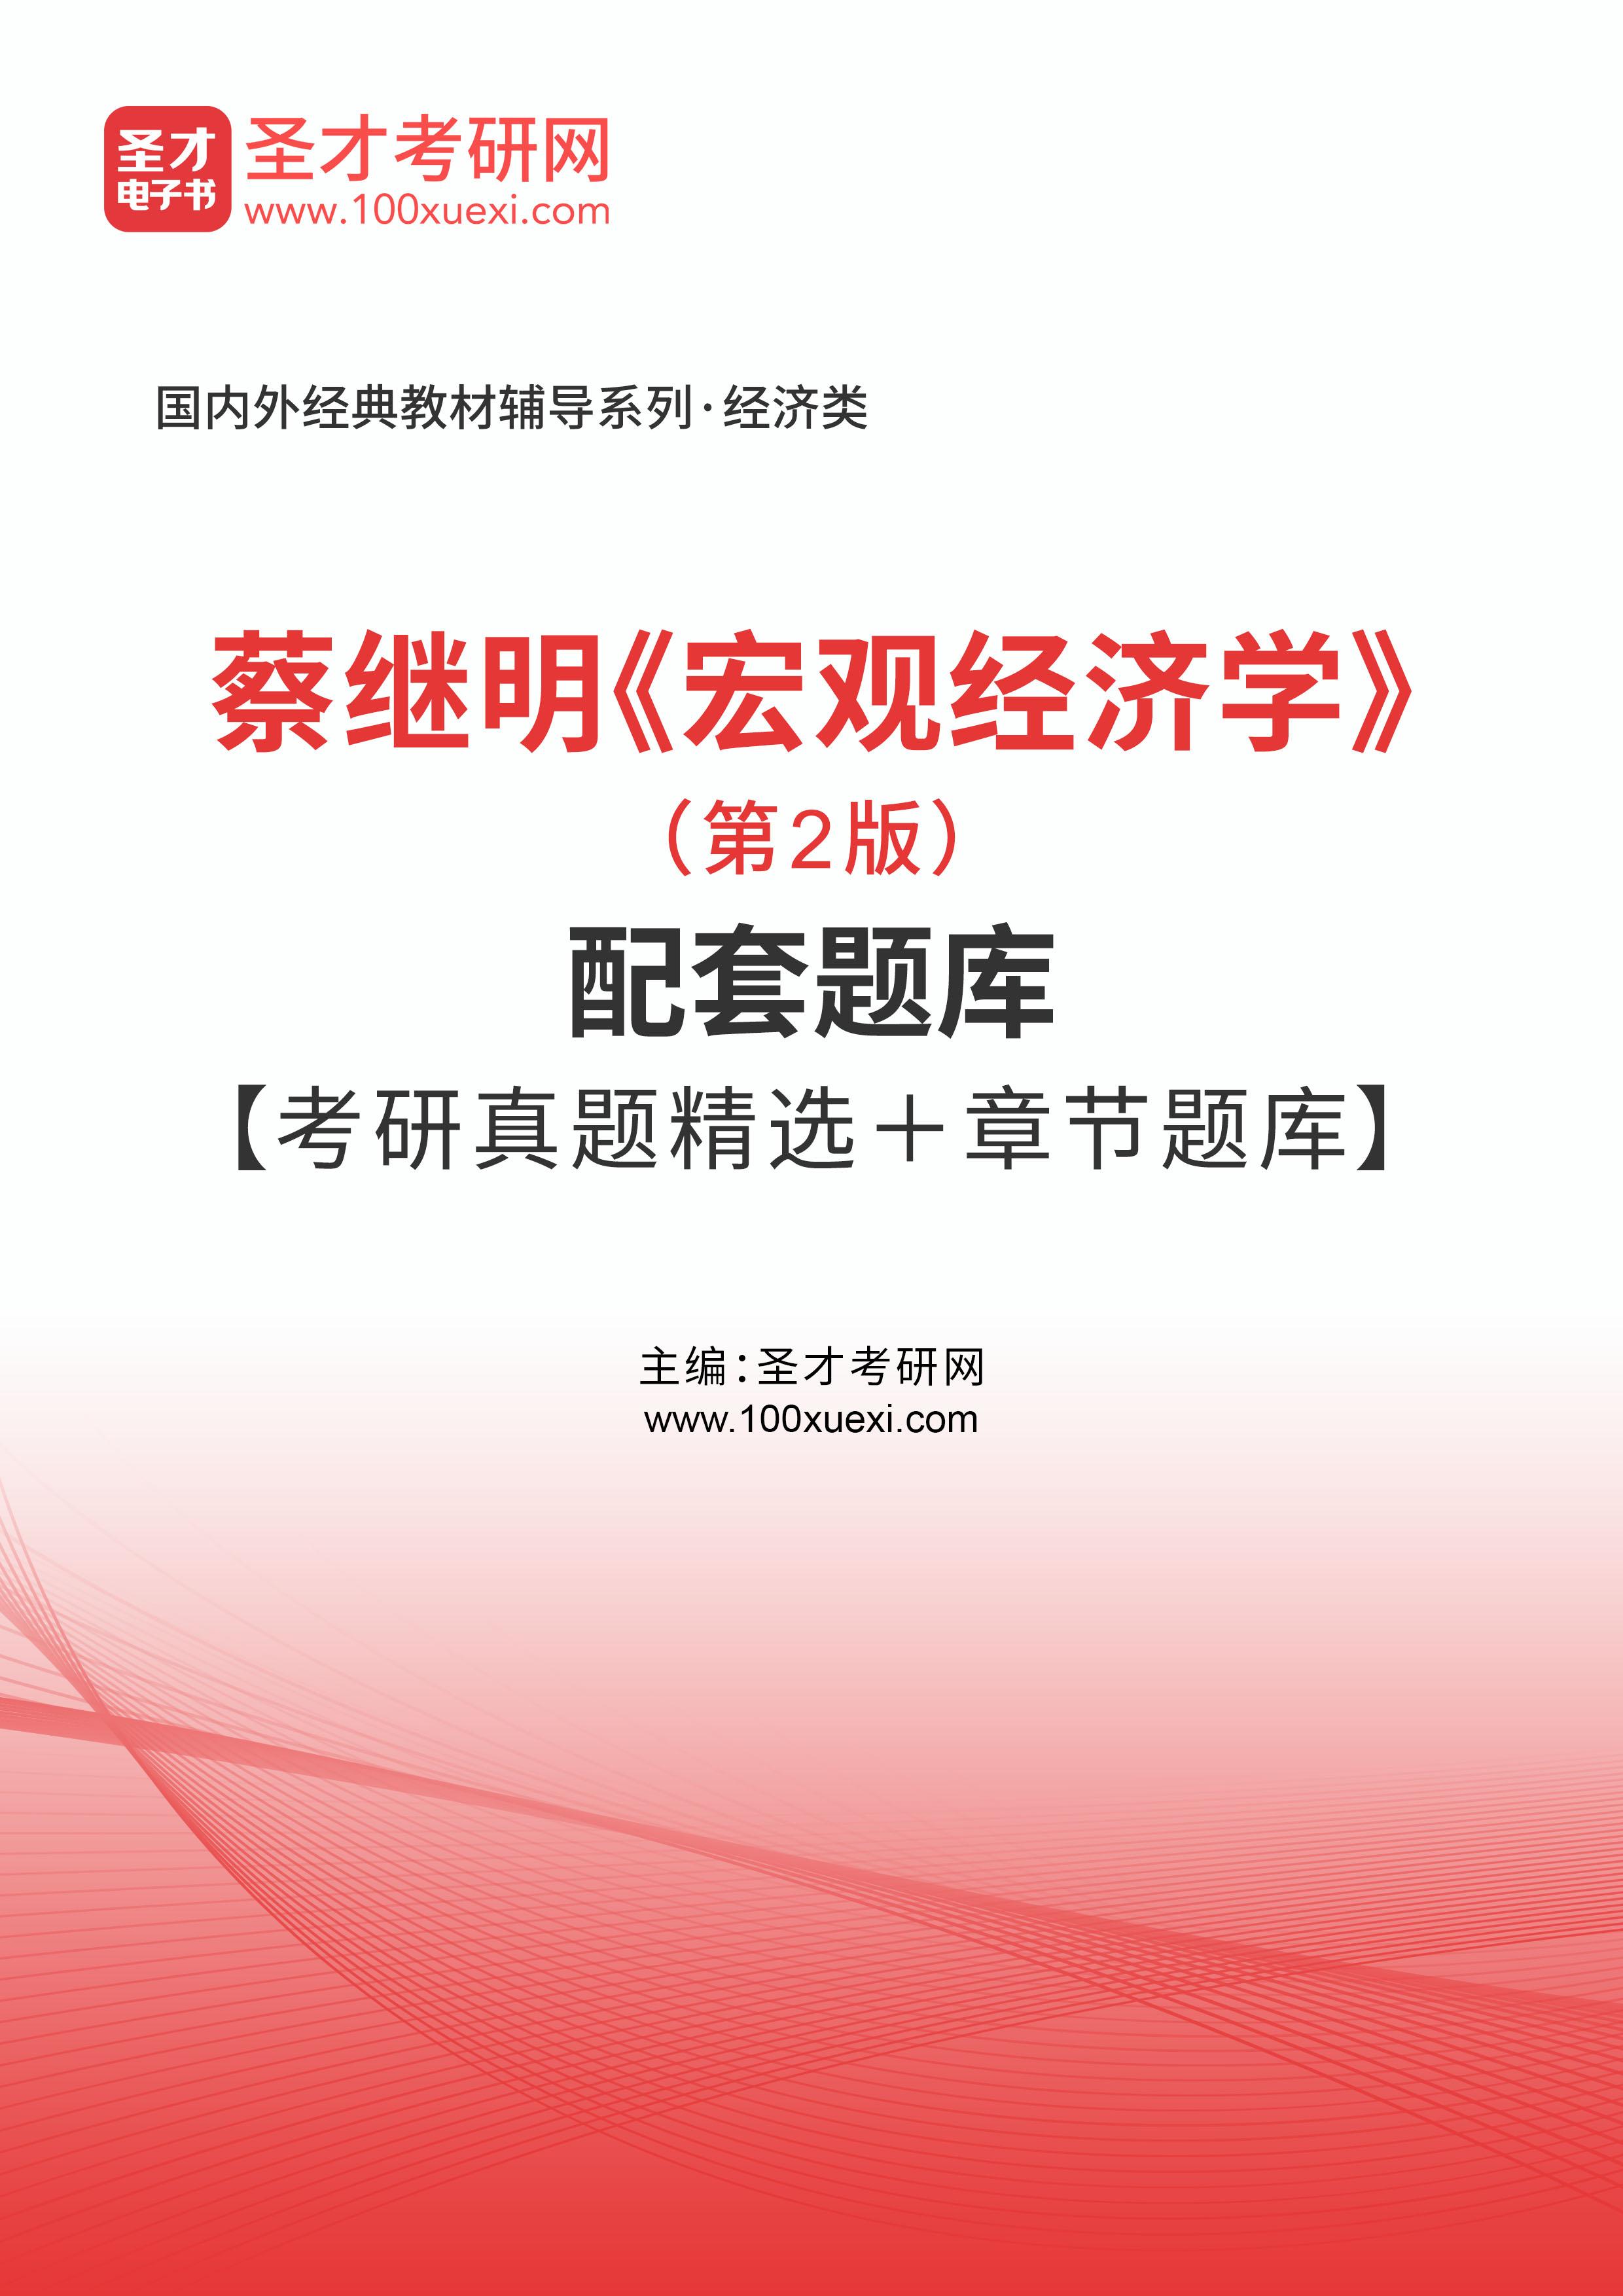 蔡继明《宏观经济学》(第2版)配套题库【考研真题精选+章节题库】